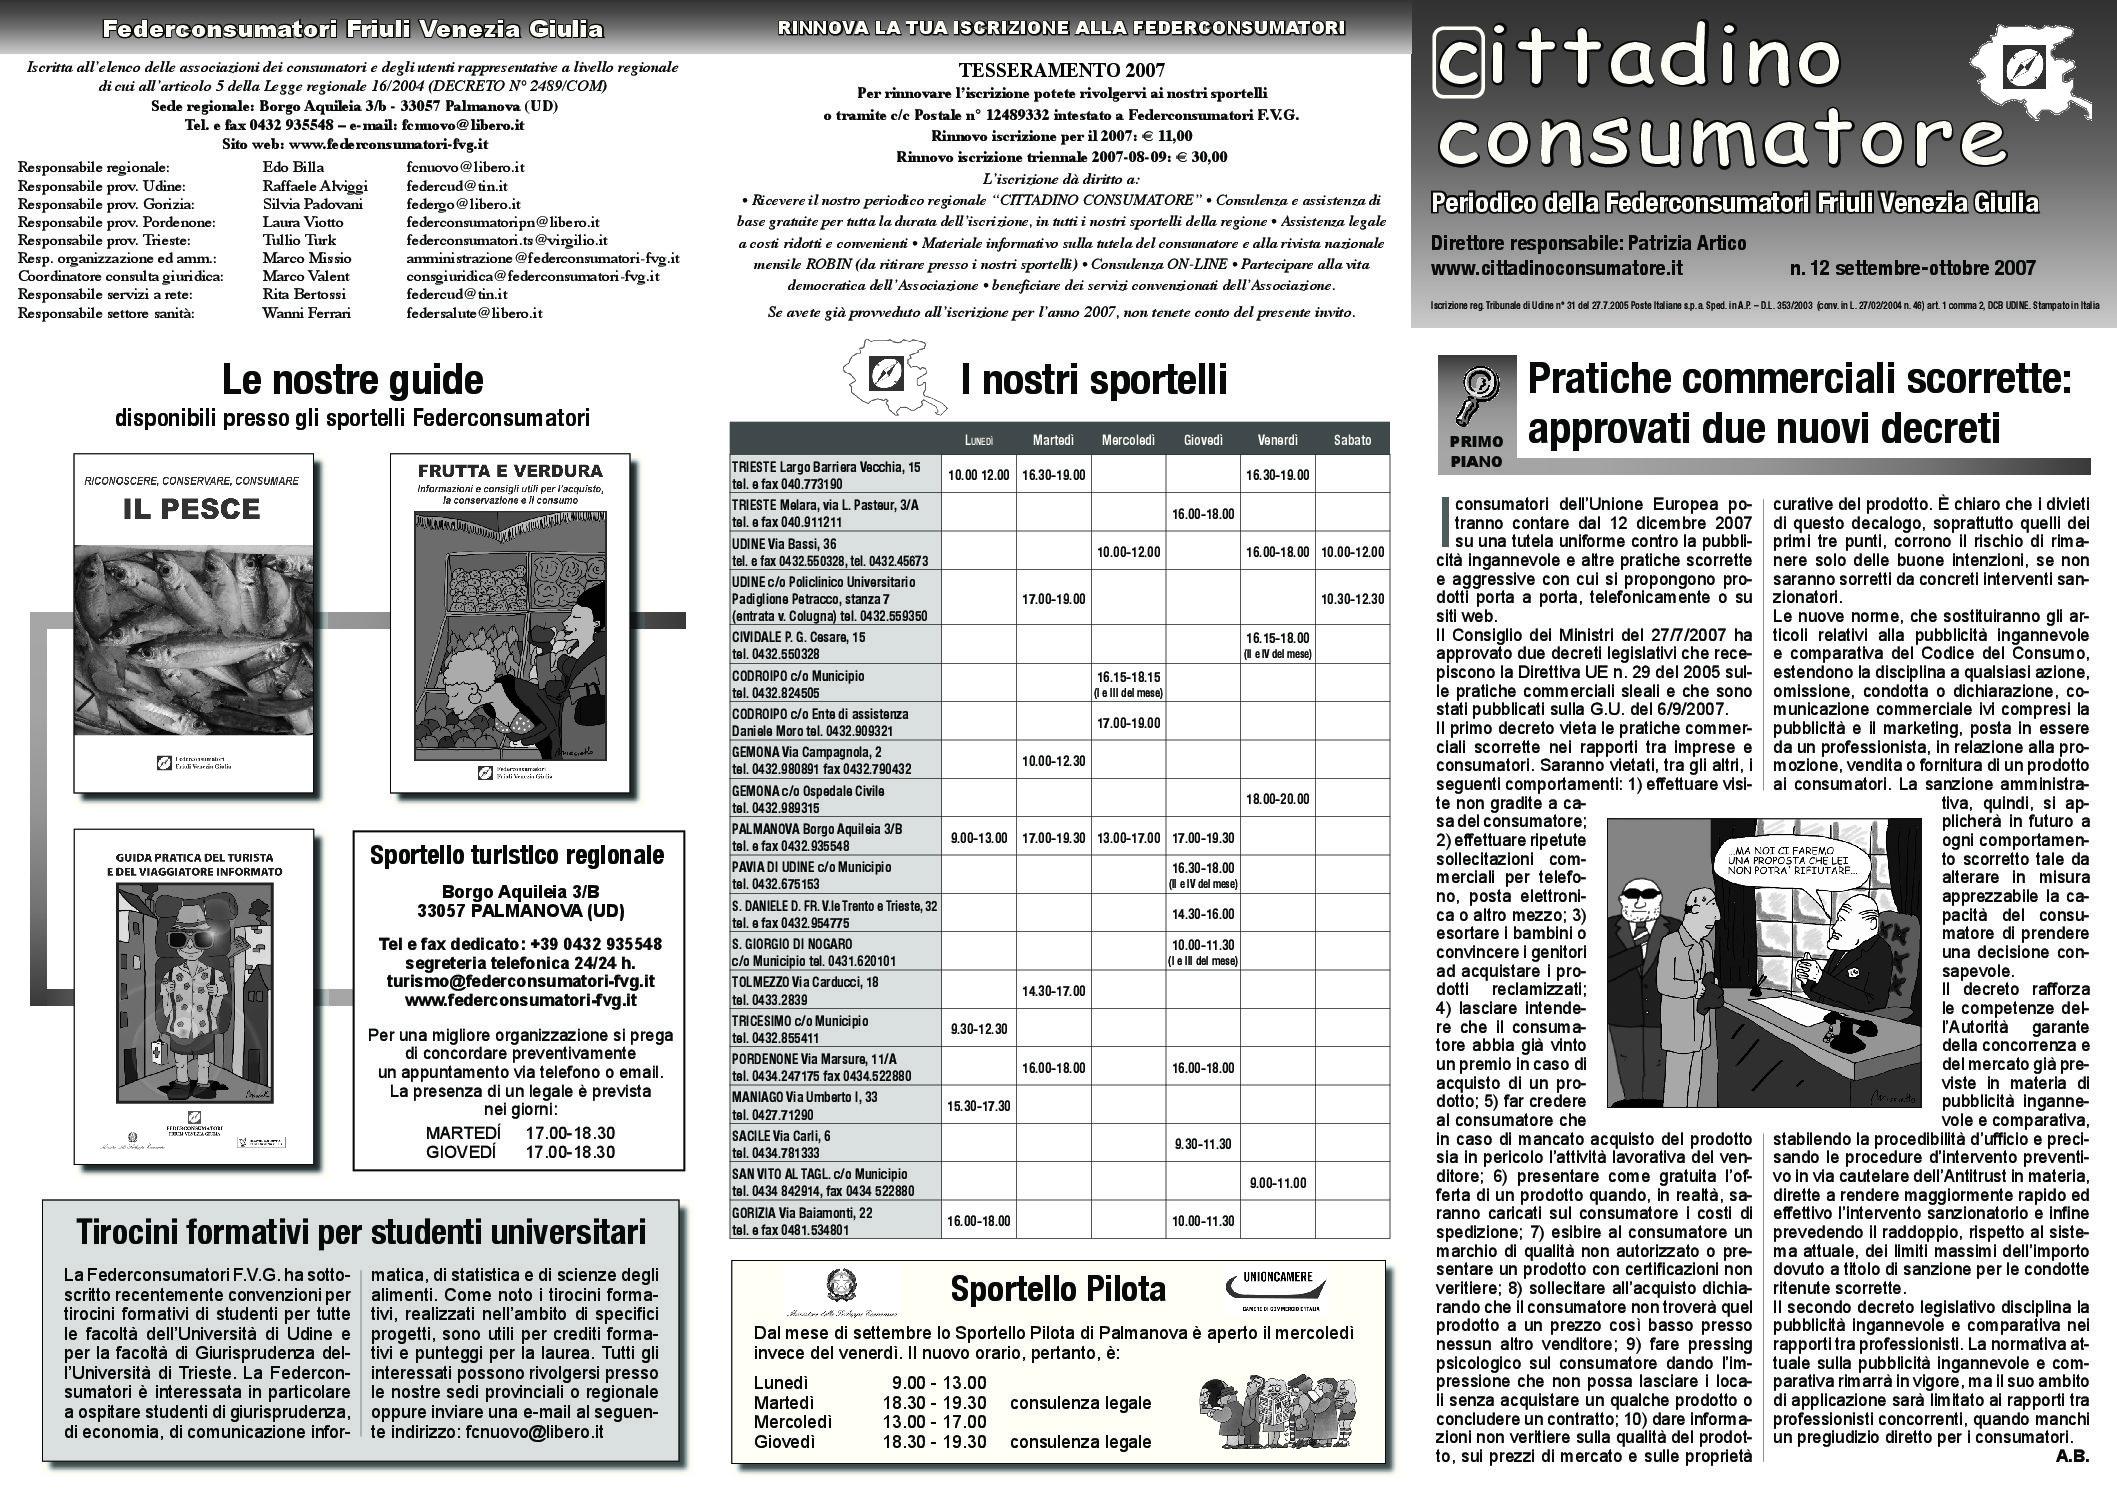 Cittadino Consumatore num. 12 (set.-ott. 2007)